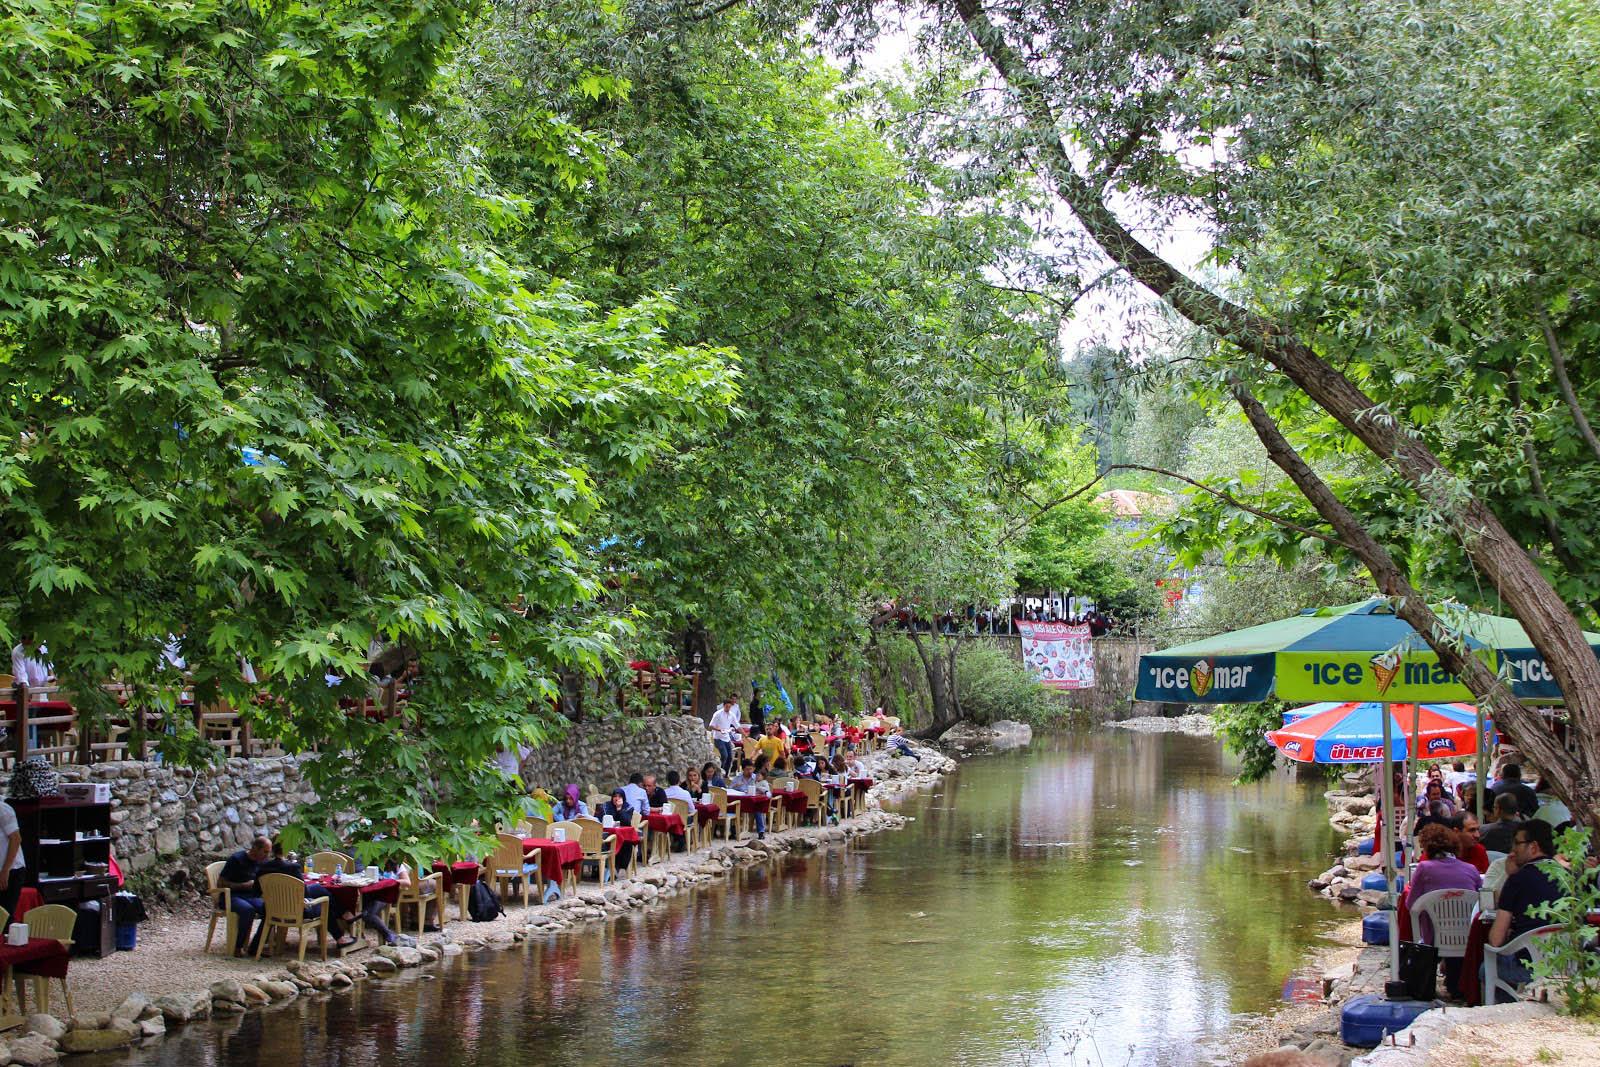 قرية ميسي في بورصة - اماكن سياحية في بورصه